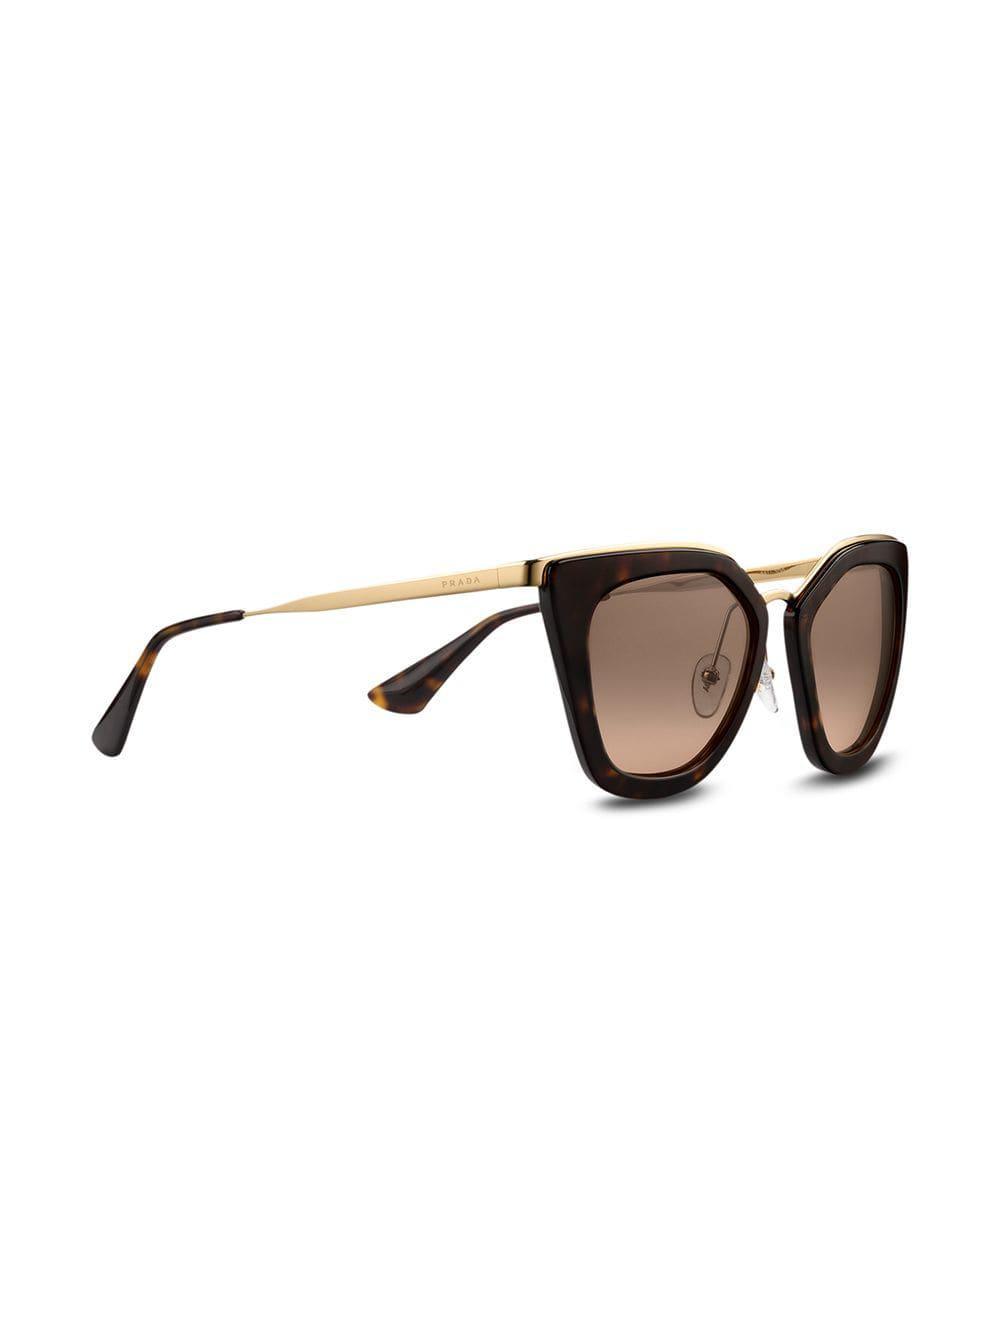 6f383f8f2156f Lyst - Prada Prada Cinéma Eyewear in Brown